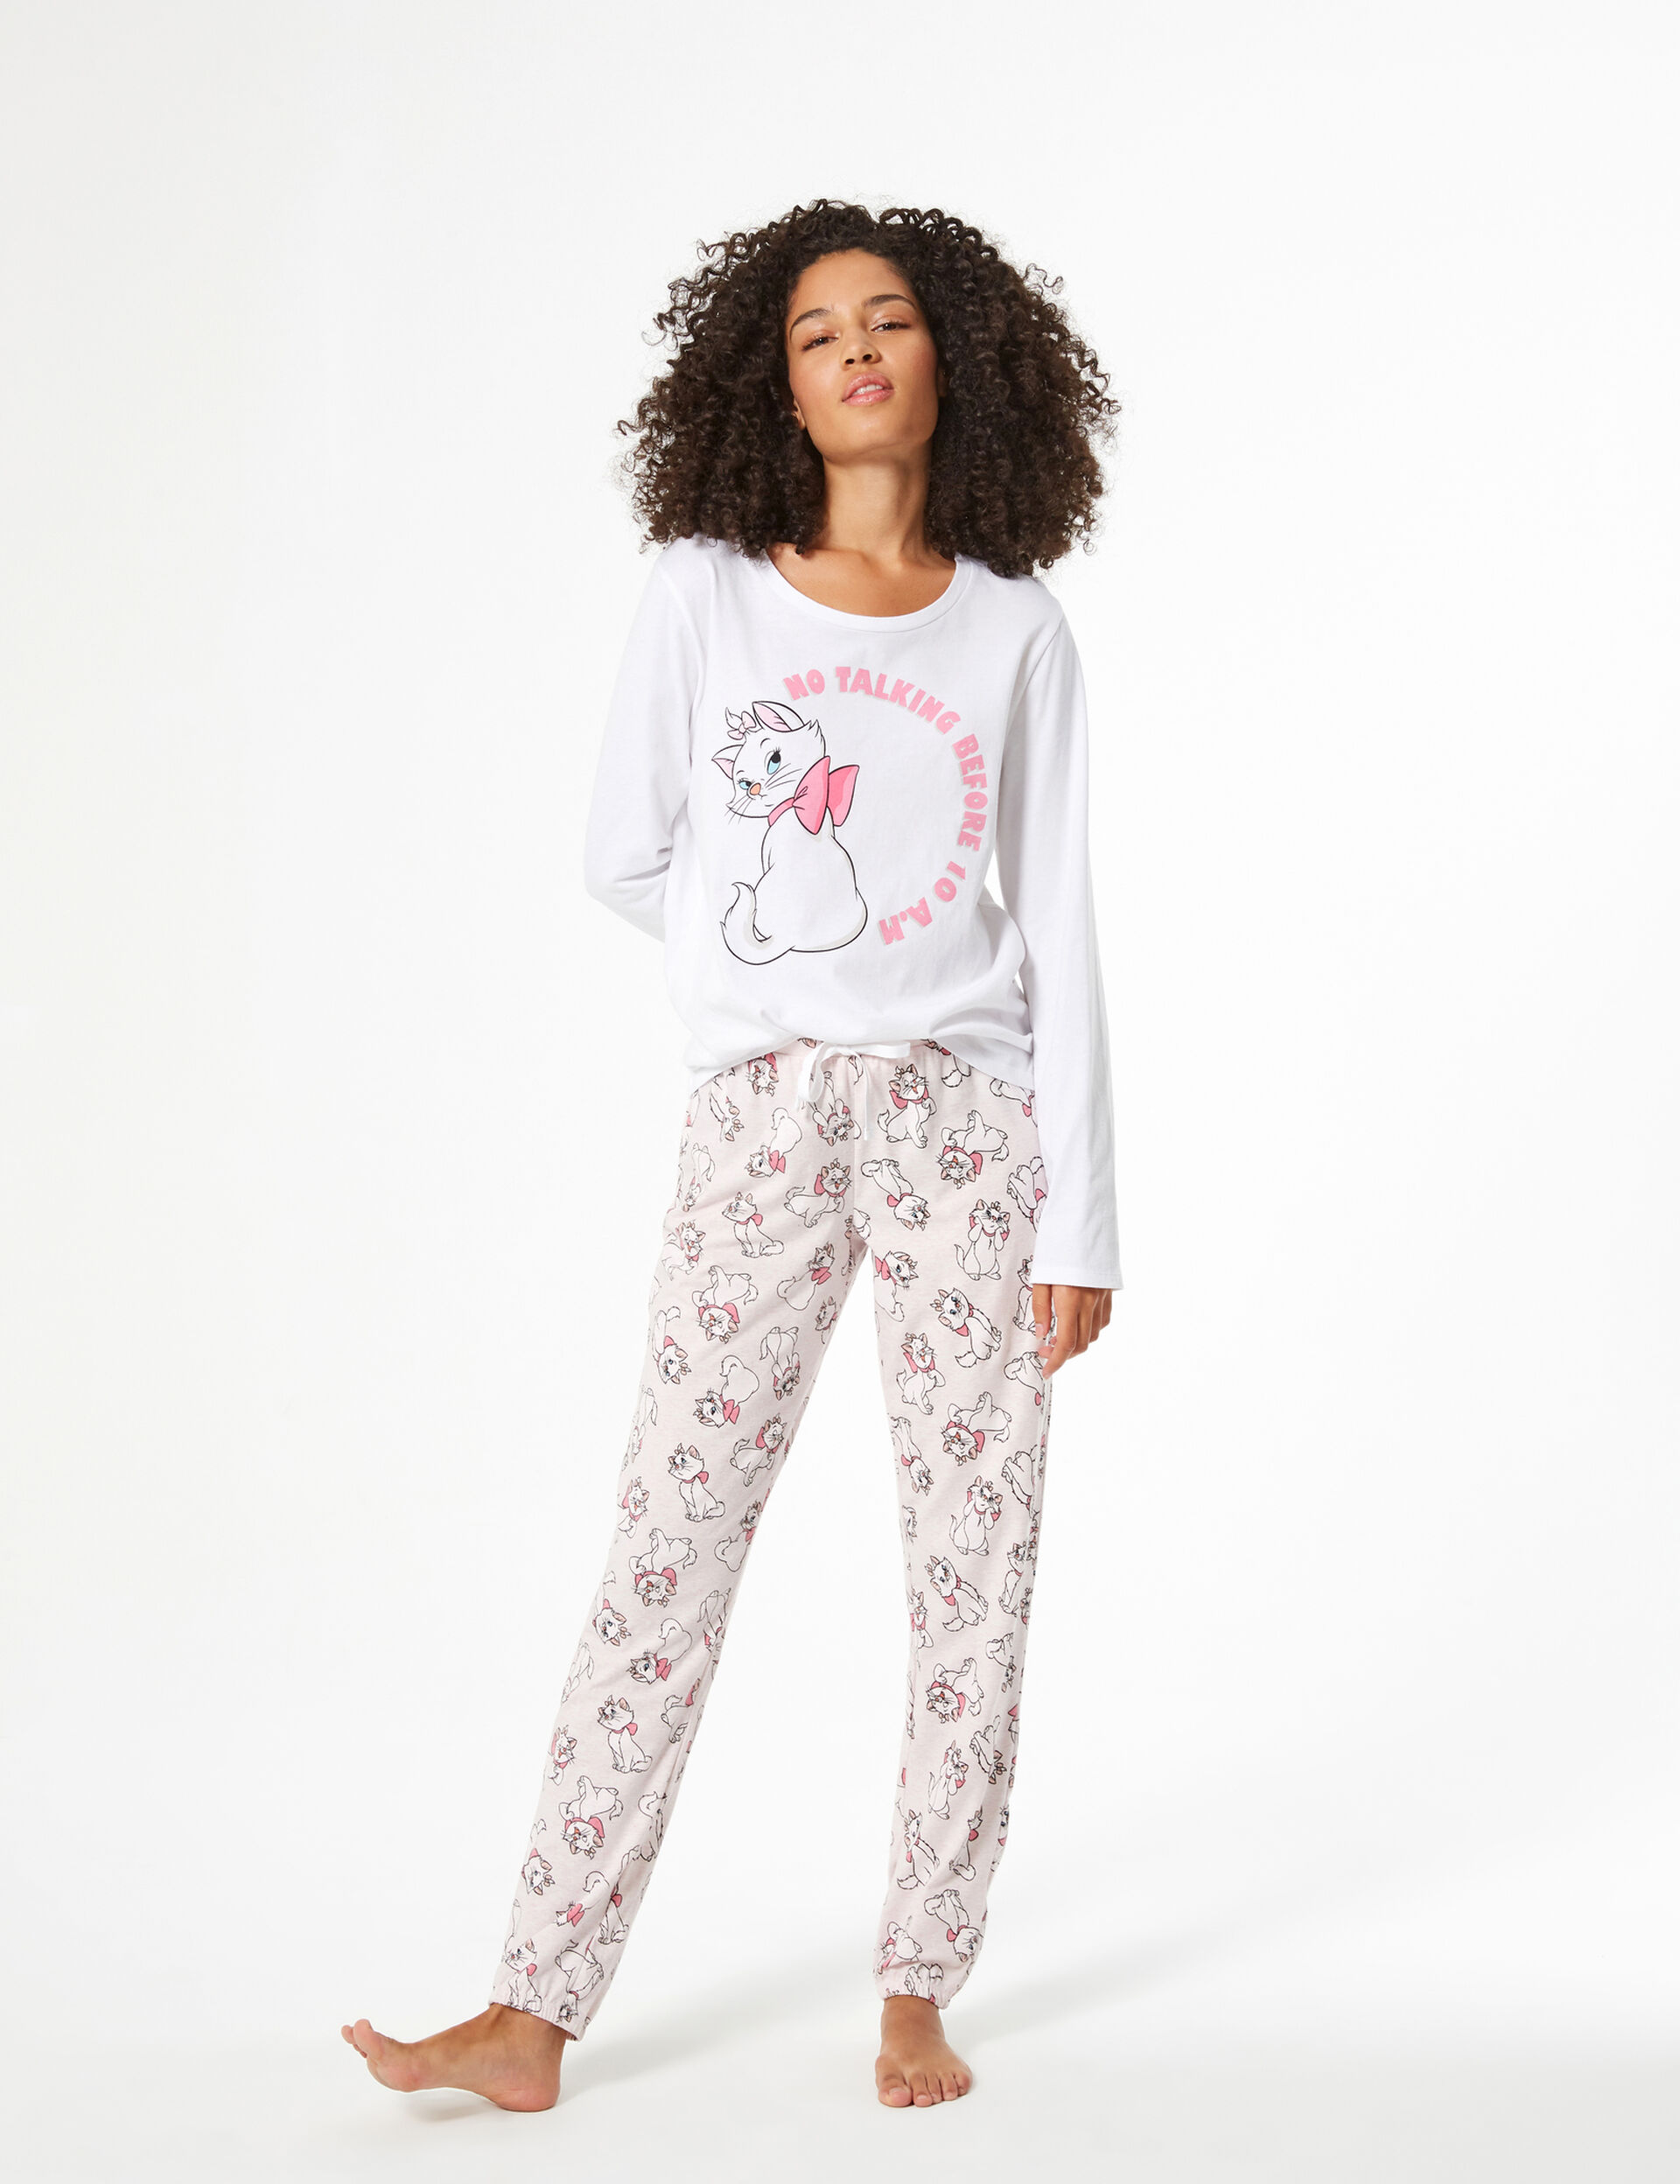 Disney Aristocats pyjama set